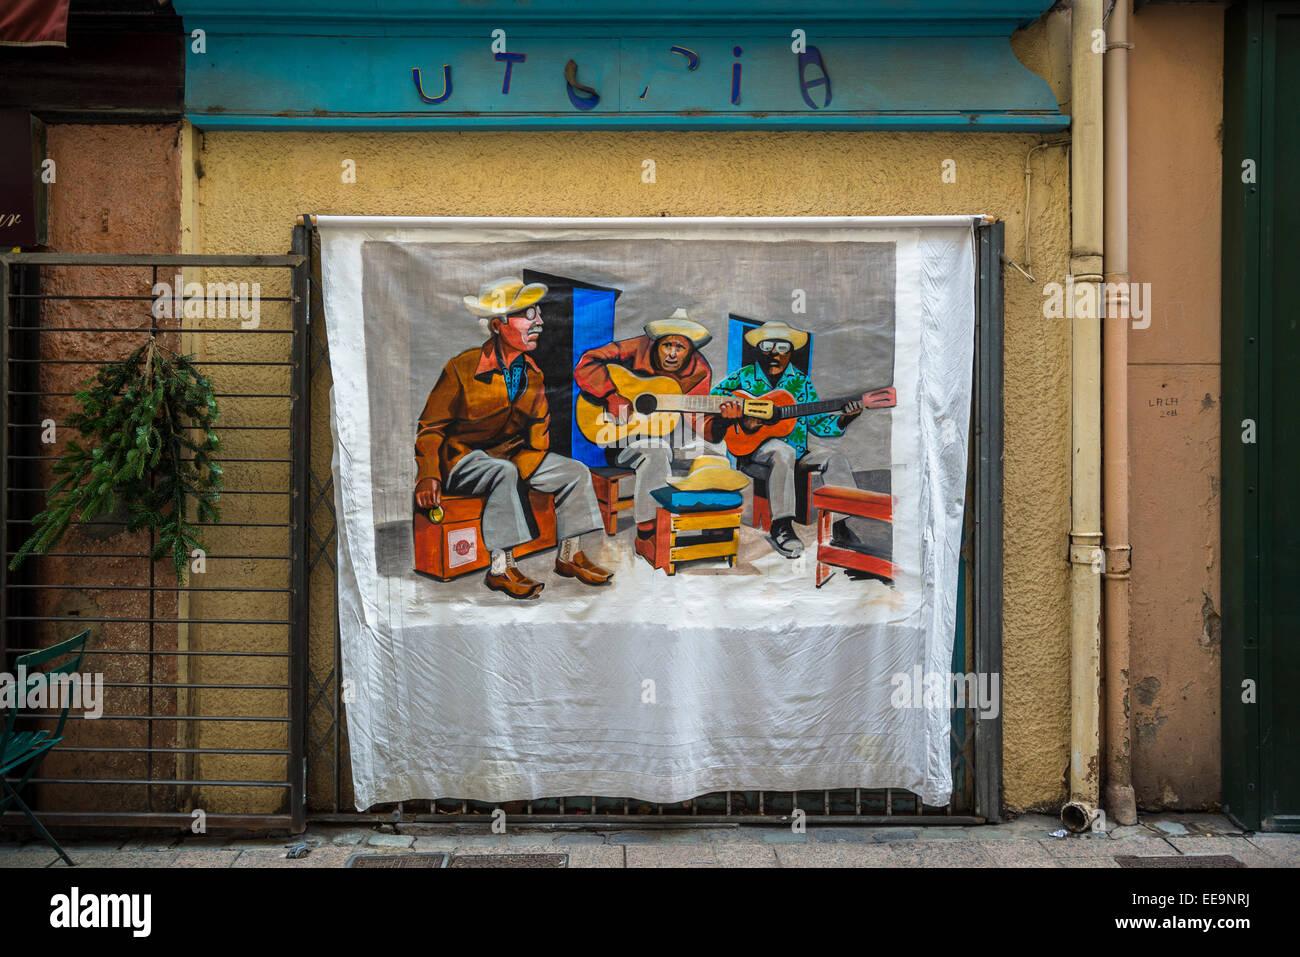 La peinture dans la rue, Perpignan, Pyrénées-Orientales, France Photo Stock